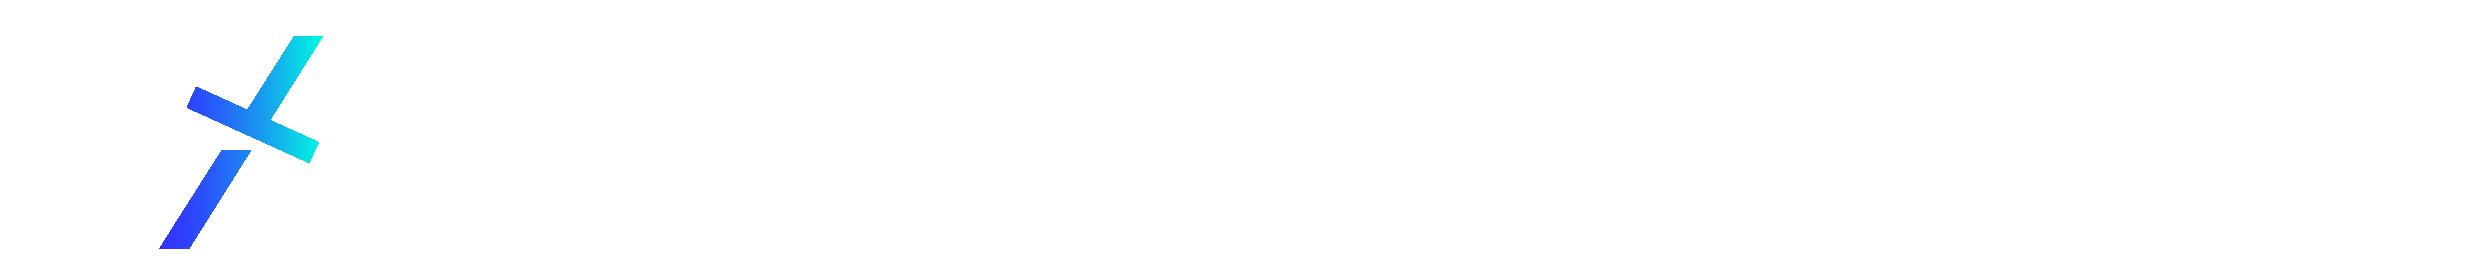 SYNTHÈSExperts